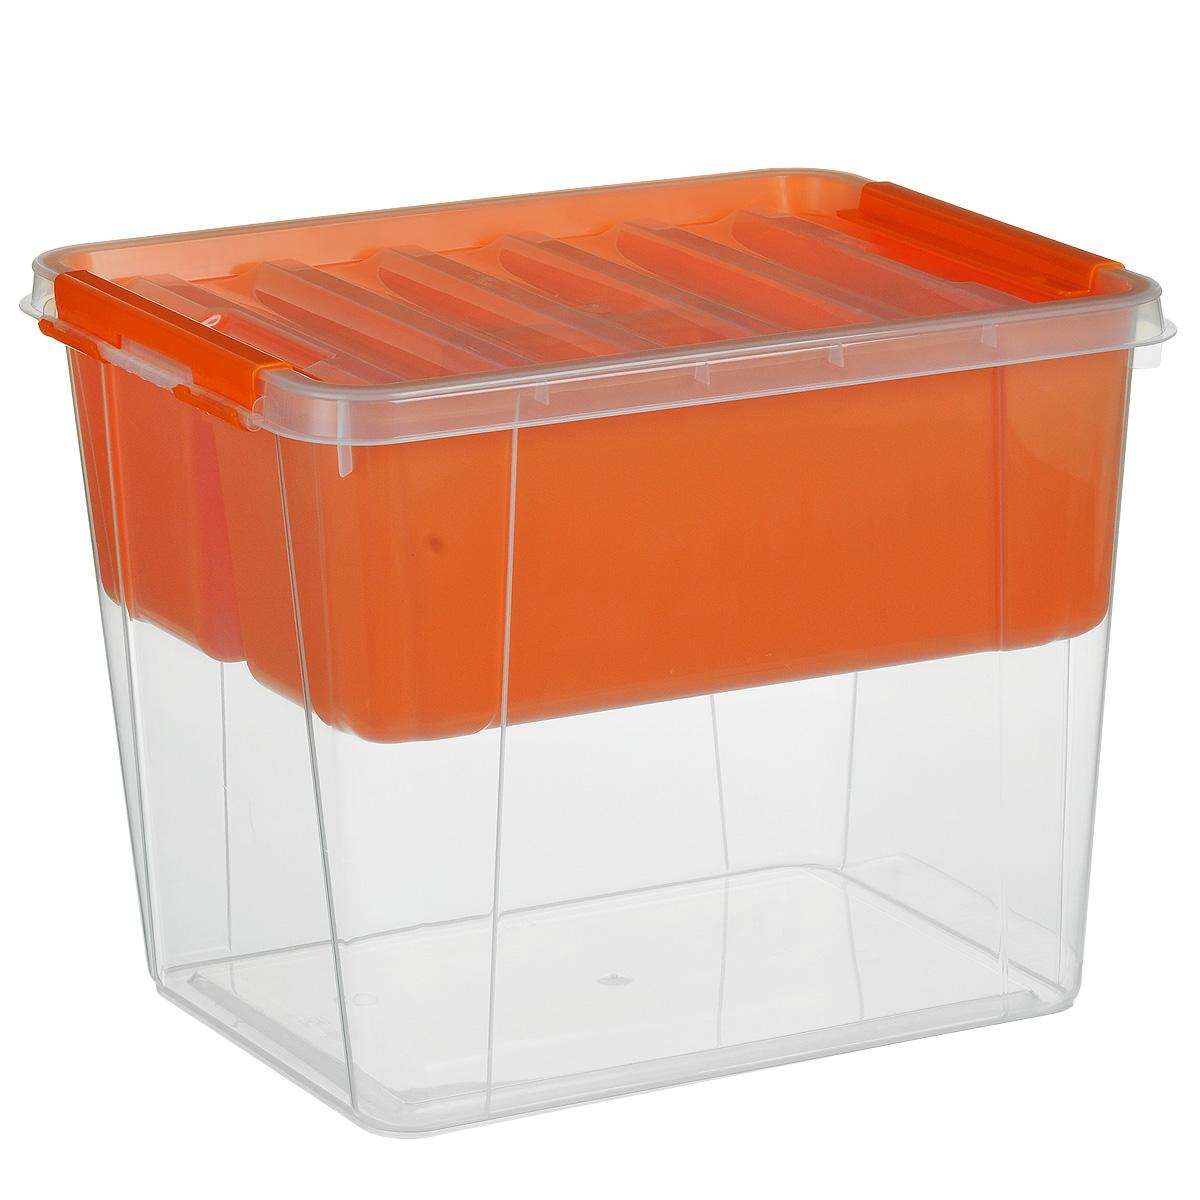 Ящик Полимербыт Профи, с вкладышем, цвет: оранжевый, прозрачный, 25 лPANTERA SPX-2RSВместительный ящик Полимербыт Профи выполнен из прозрачного пластика и предназначен для хранения различных предметов. Ящик оснащен удобной крышкой с рельефной поверхностью. Внутри ящика имеется съемный вкладыш с двумя глубокими секциями. Контейнер снабжен двумя пластиковыми фиксаторами по бокам, придающими дополнительную надежность закрывания крышки. Вместительный контейнер позволит сохранить различные нужные вещи в порядке, а герметичная крышка предотвратит случайное открывание, защитит содержимое от пыли и грязи. Размер внутренних секций: 37 см х 13 см х 14 см. Объем: 25 л.